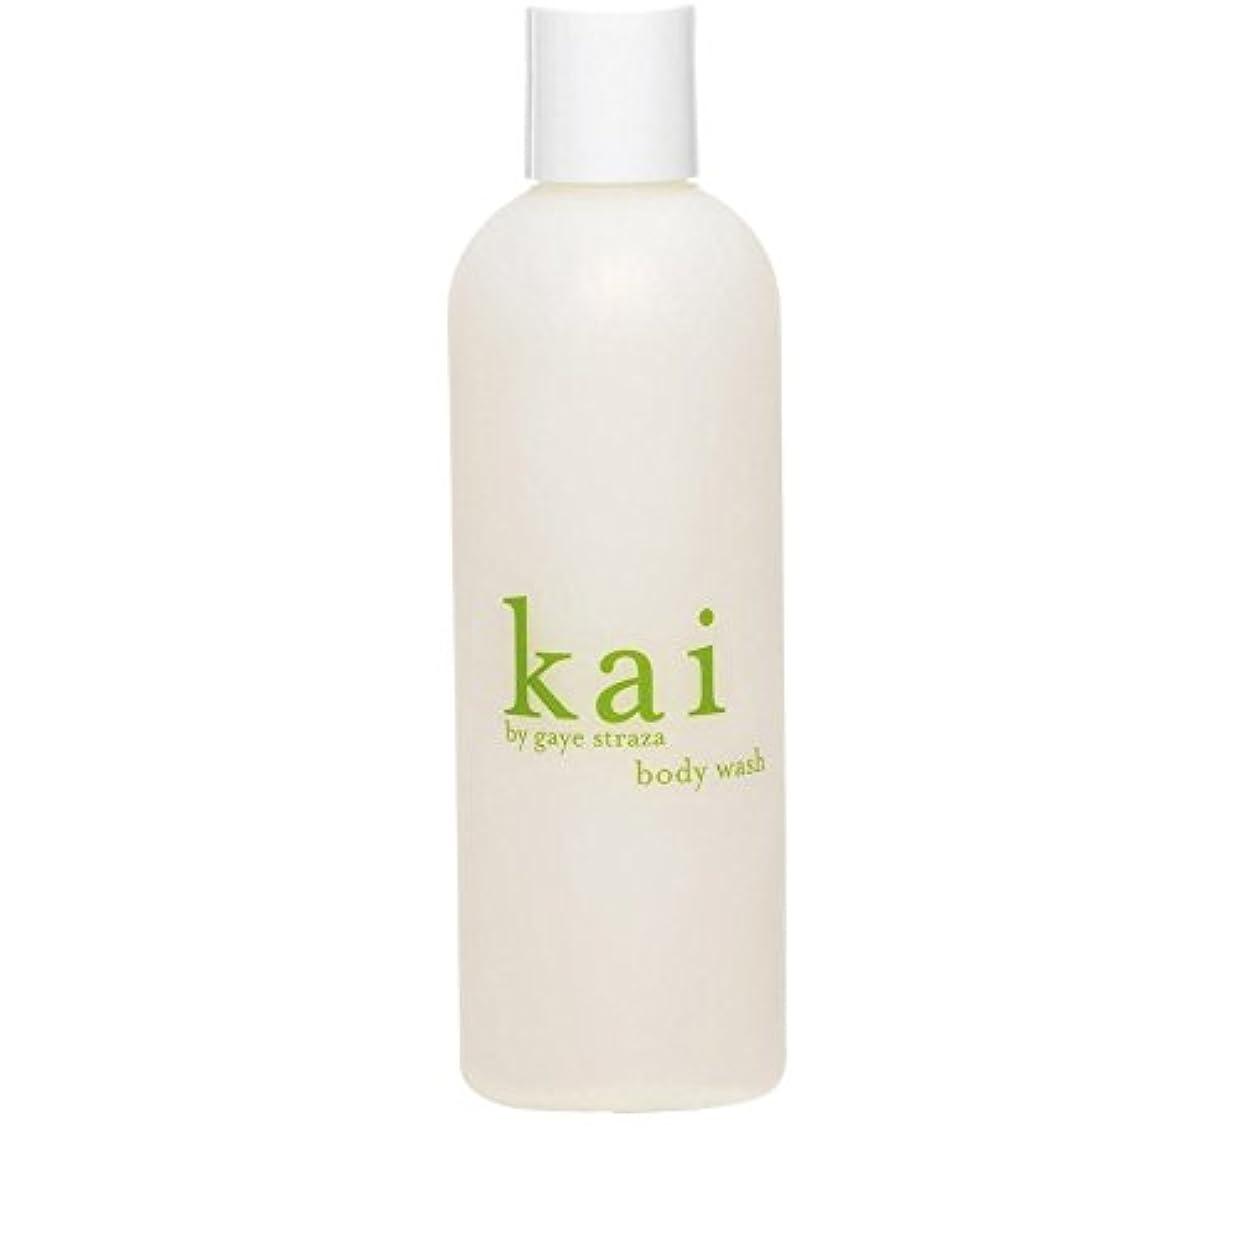 事前にシットコム定義するKai by Gaye Straza Kai Body Wash 235ml - ゲイ?ストラザ会ボディウォッシュ235ミリリットルによって会 [並行輸入品]